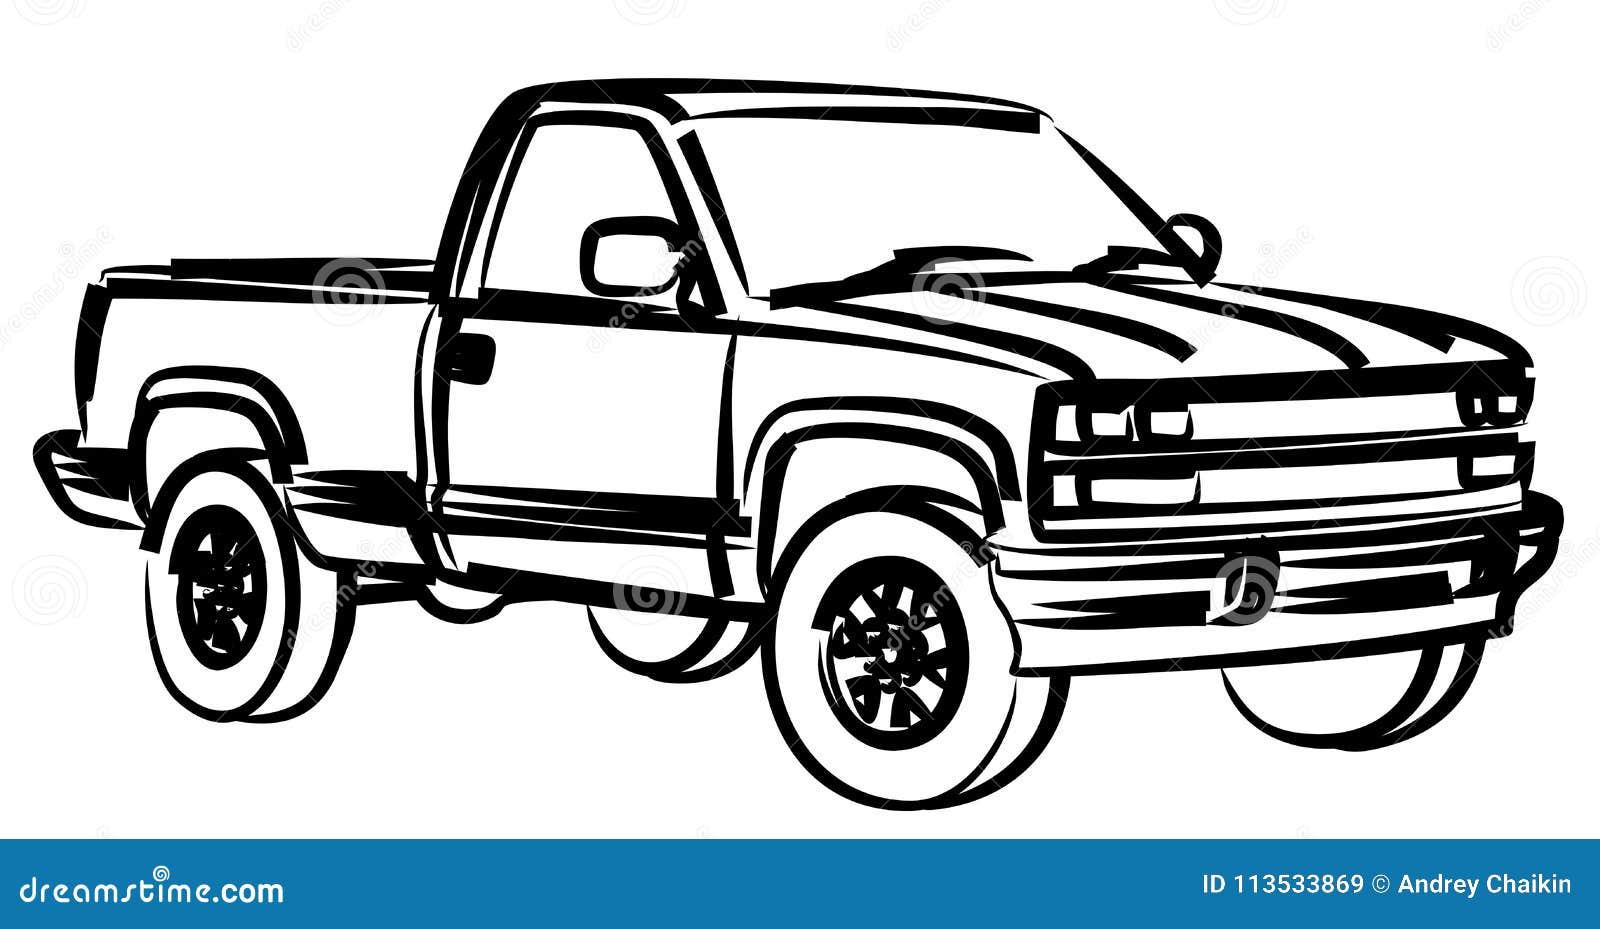 Die LKW Skizze vektor abbildung. Illustration von service - 113533869